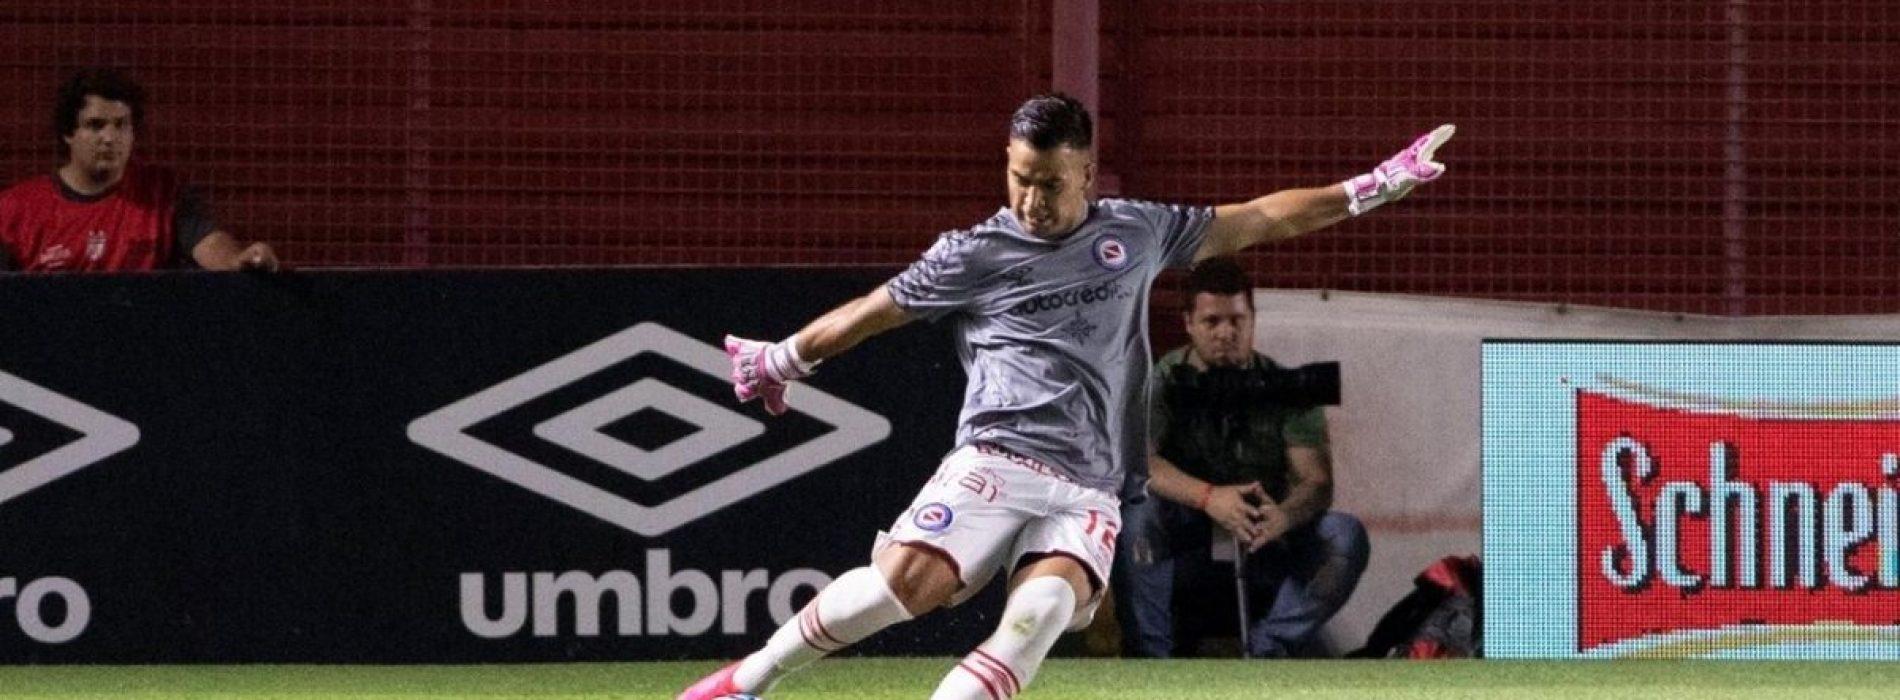 """Lucas Chaves: """"Mi piacerebbe giocare nel Napoli. L'obiettivo dell'Argentinos Juniors è la qualificazione in Copa Libertadores"""" – ESCLUSIVA EC"""